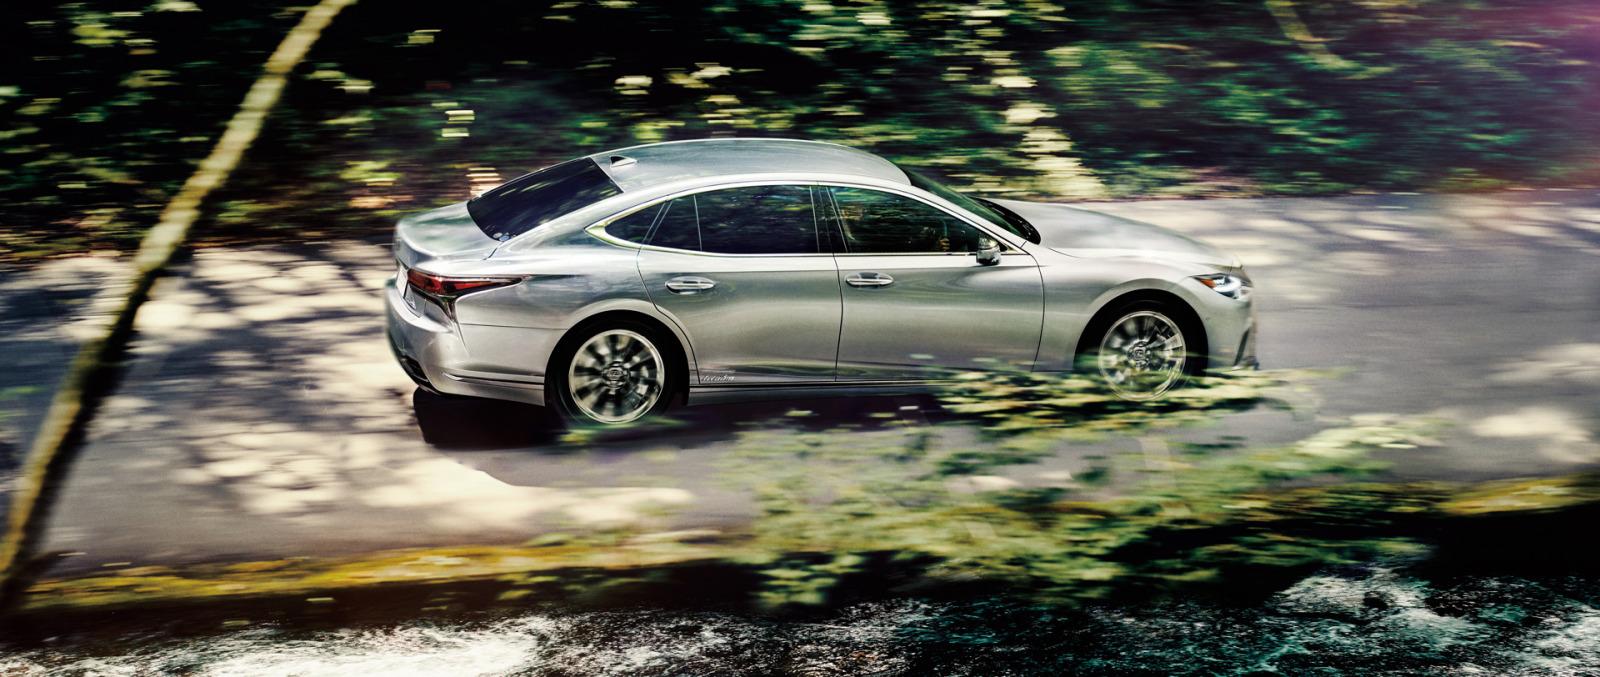 「レクサスLSがビッグマイナーチェンジ。乗り心地や静粛性の向上など、快適性をさらにアップ【新車】」の3枚目の画像